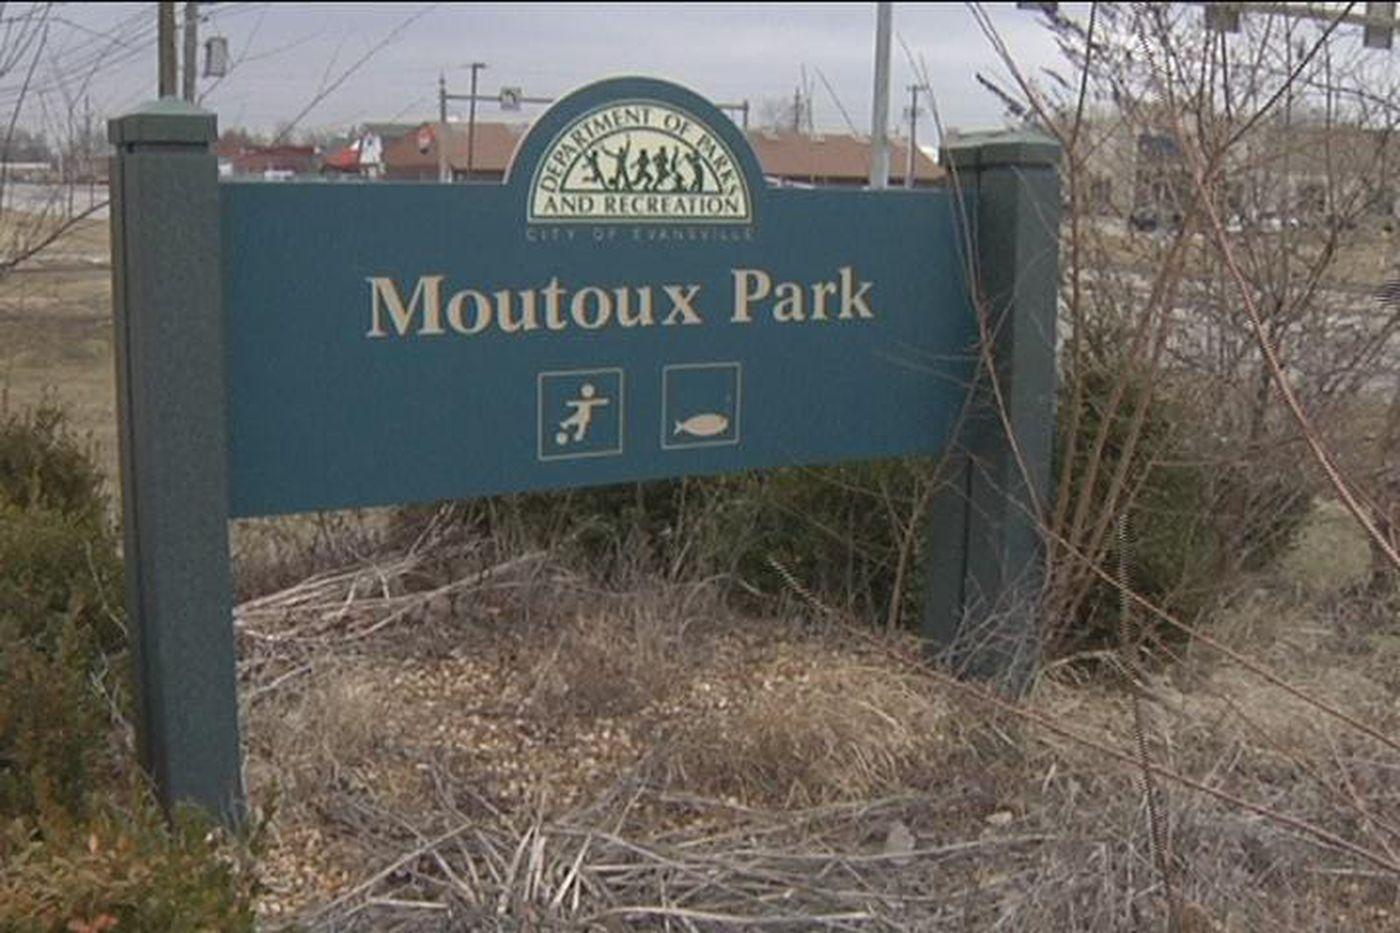 Moutoux Park Improvements